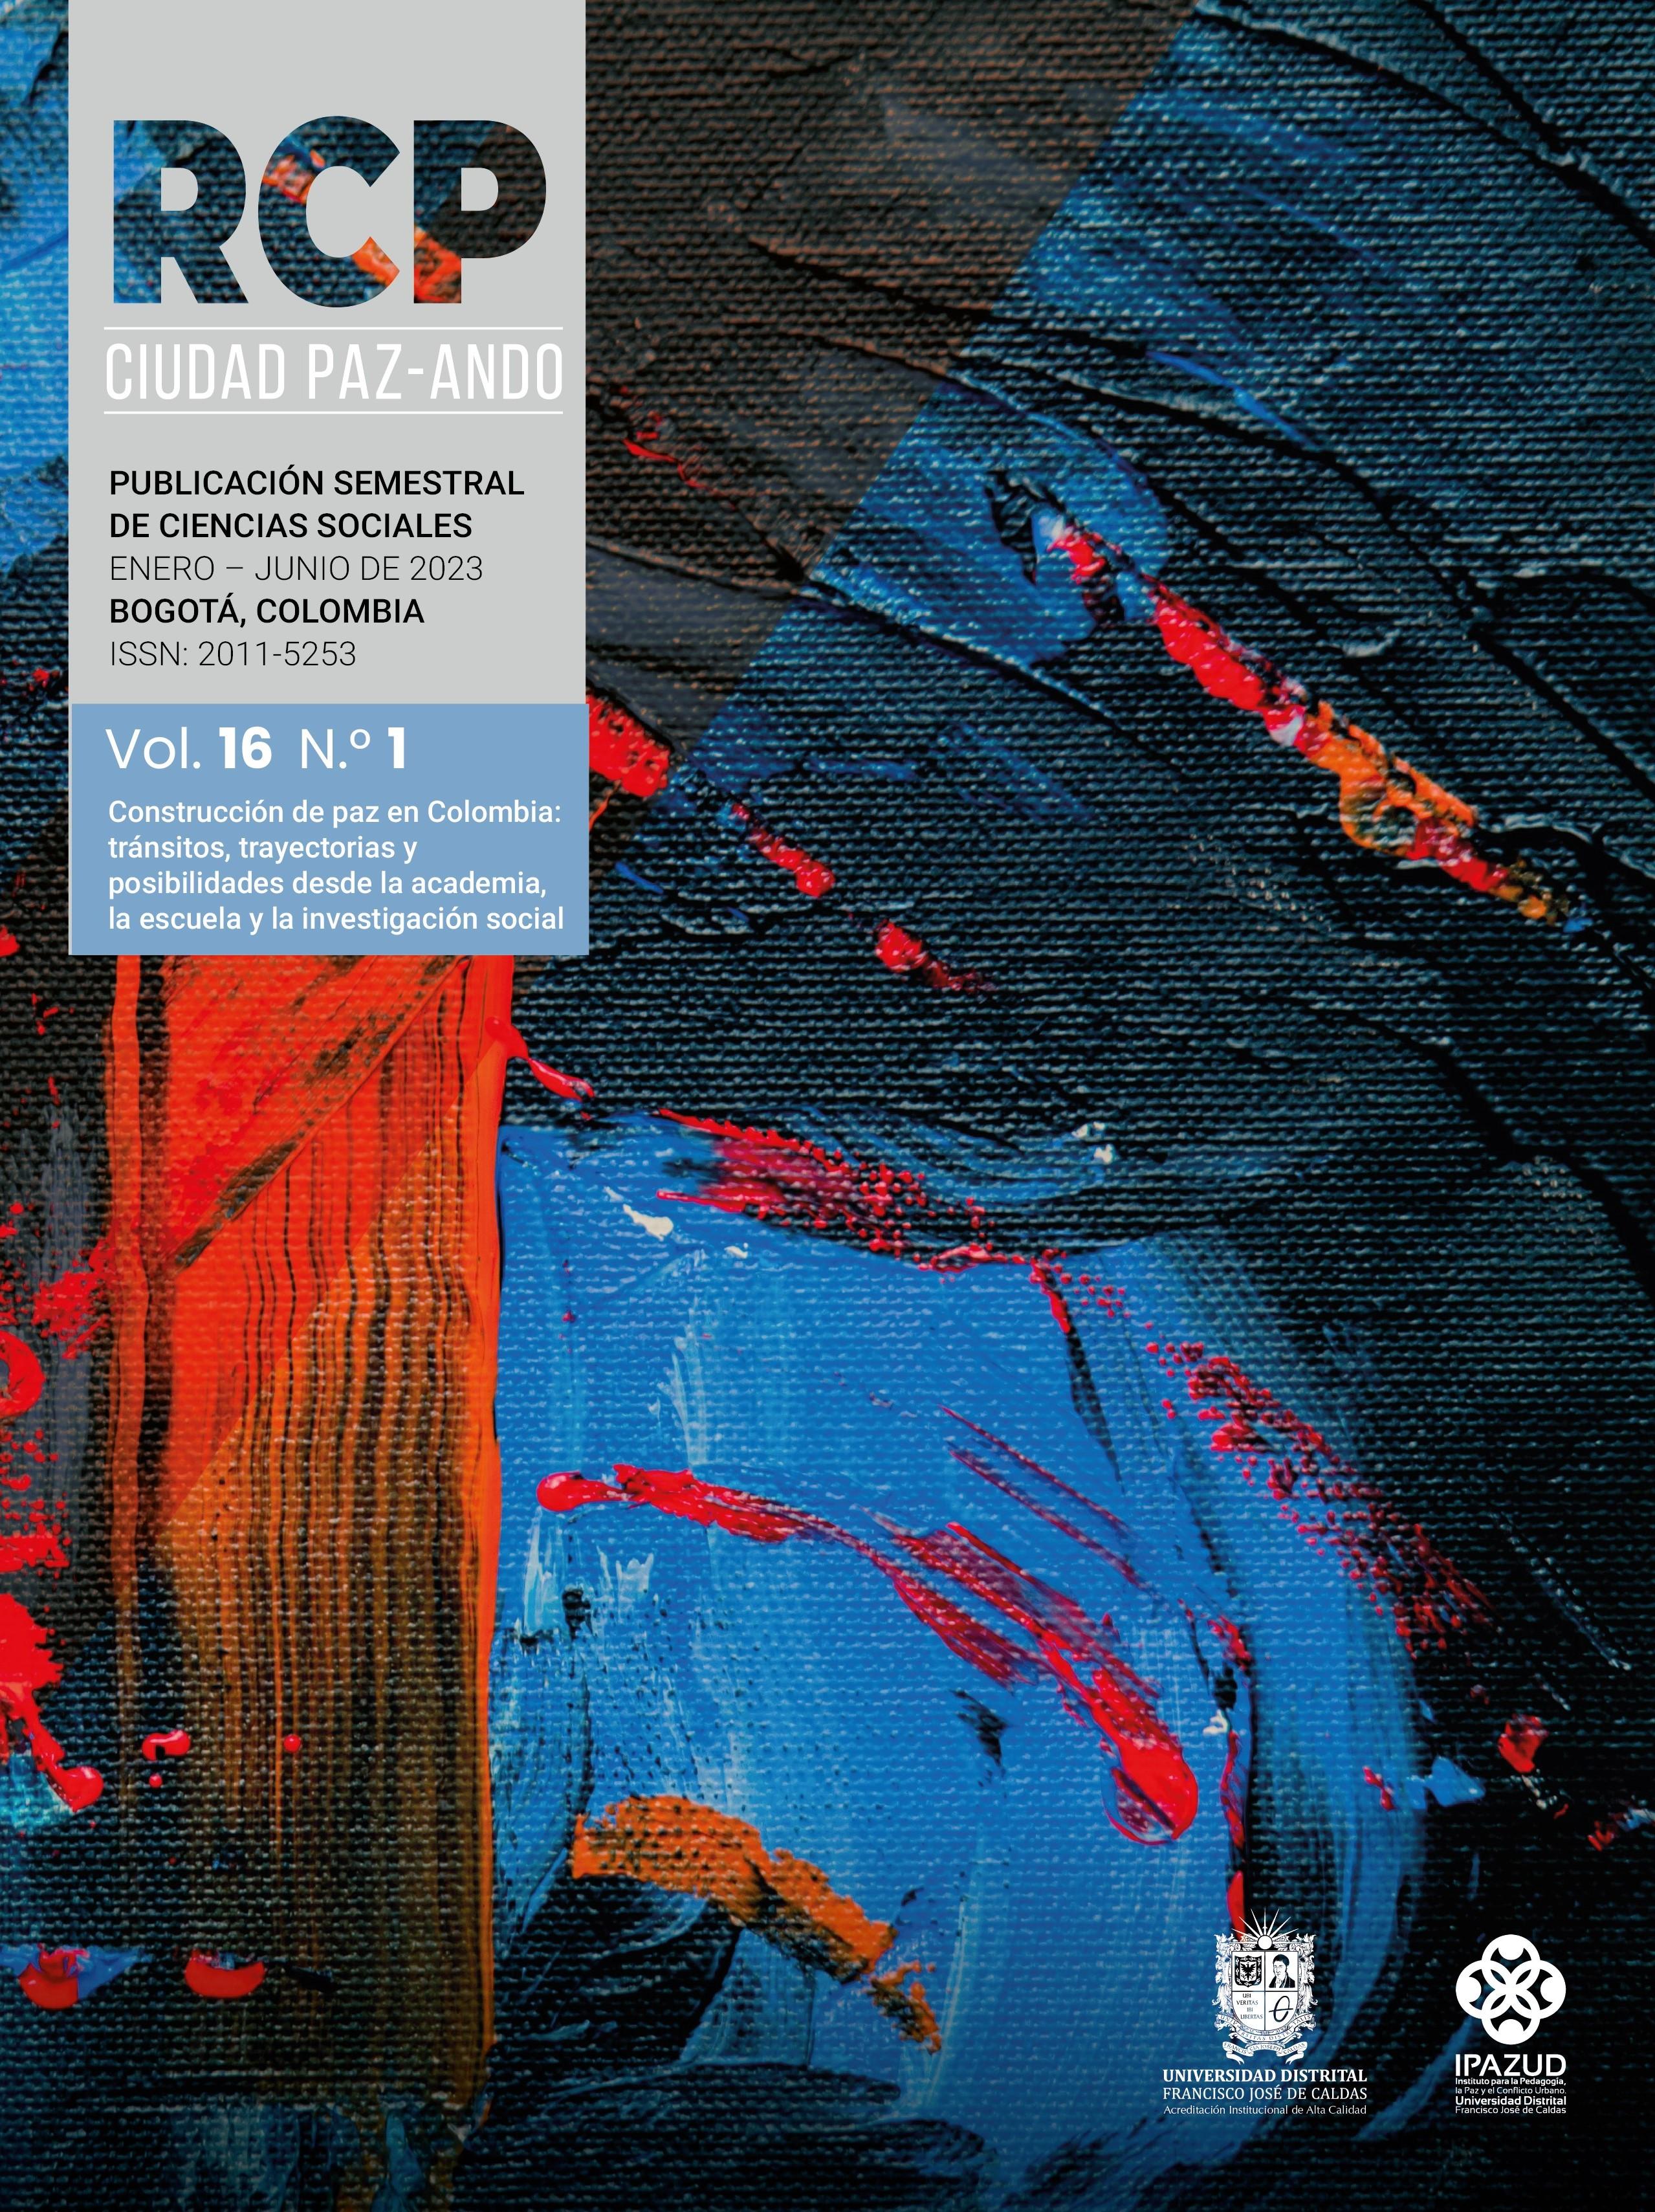 Ciudad Paz-ando 13-1